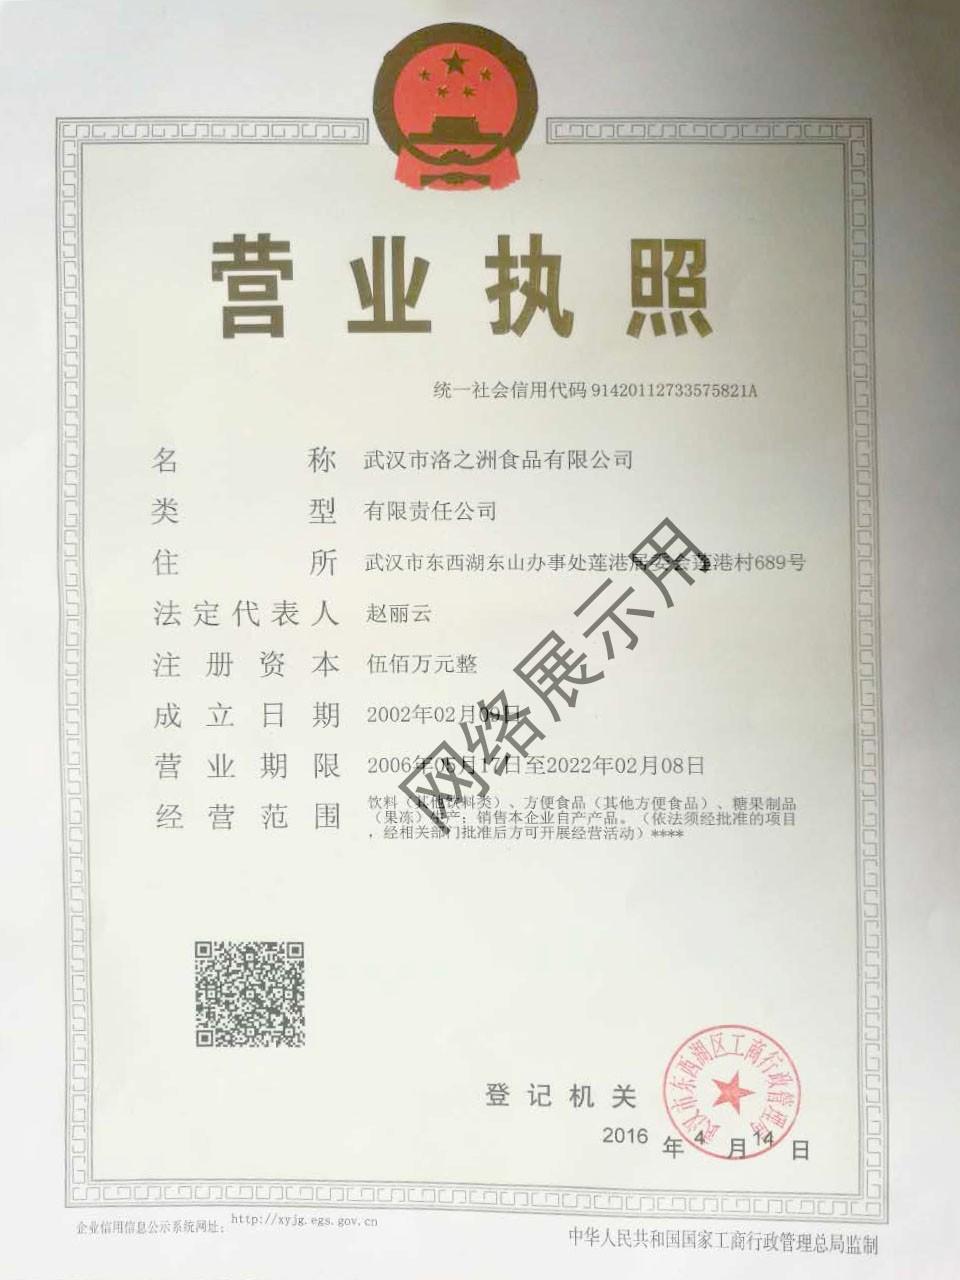 yingyezhizhao